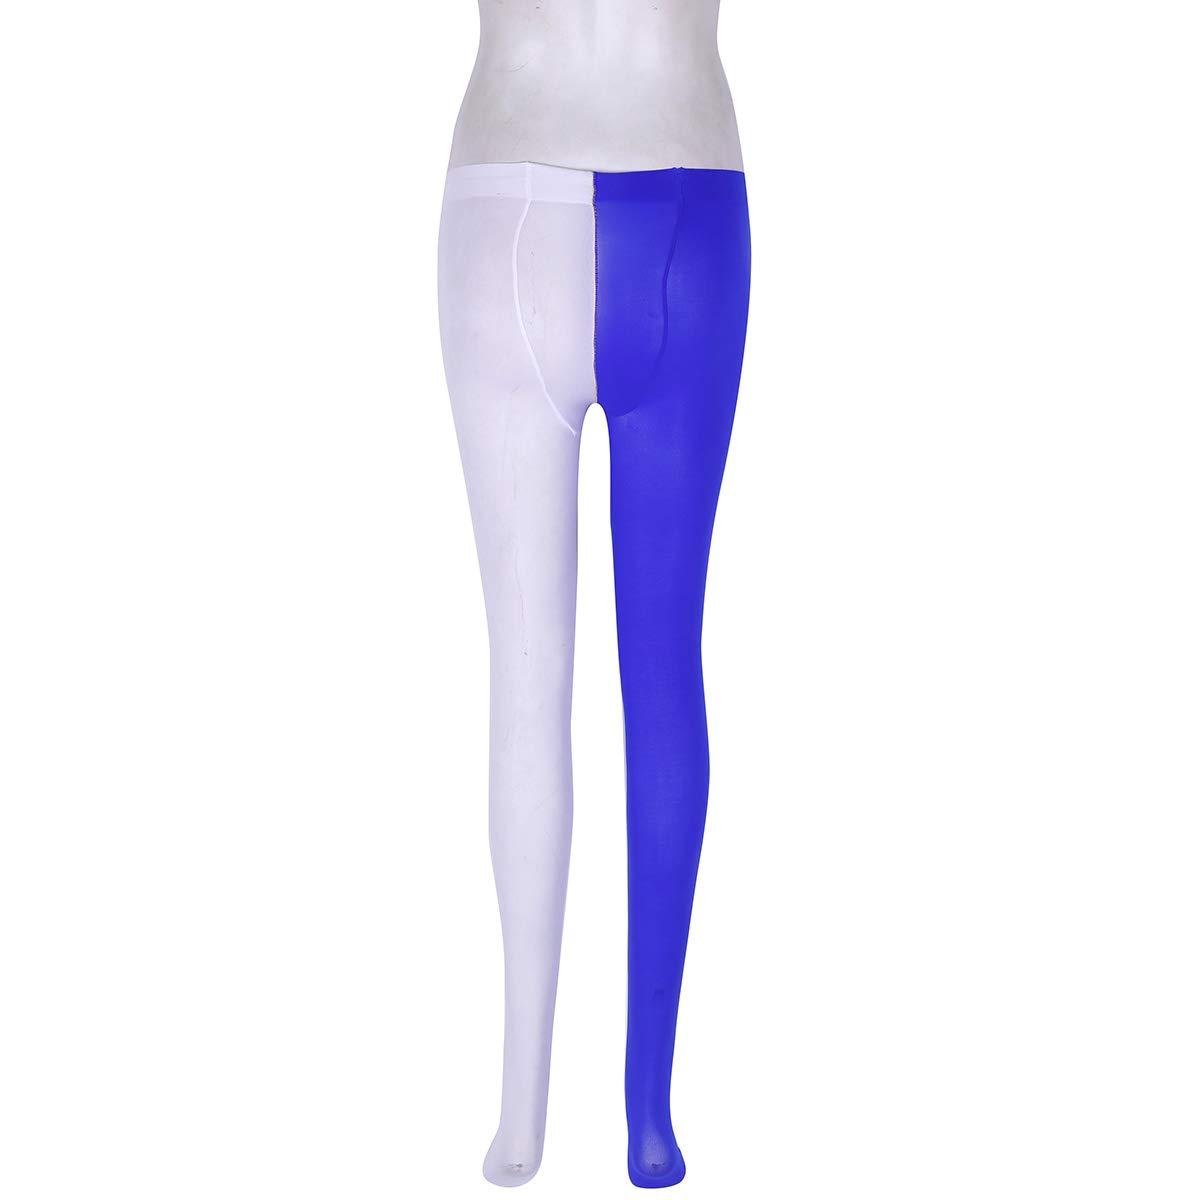 TiaoBug Unisexe Homme Femme Bicolore Collant Legging de Danse Yoga Bas de  Sport Collant de Gymnastique Longue Chaussette Costume de Bouffon Blanc    Bleu ... bb843caf4aad